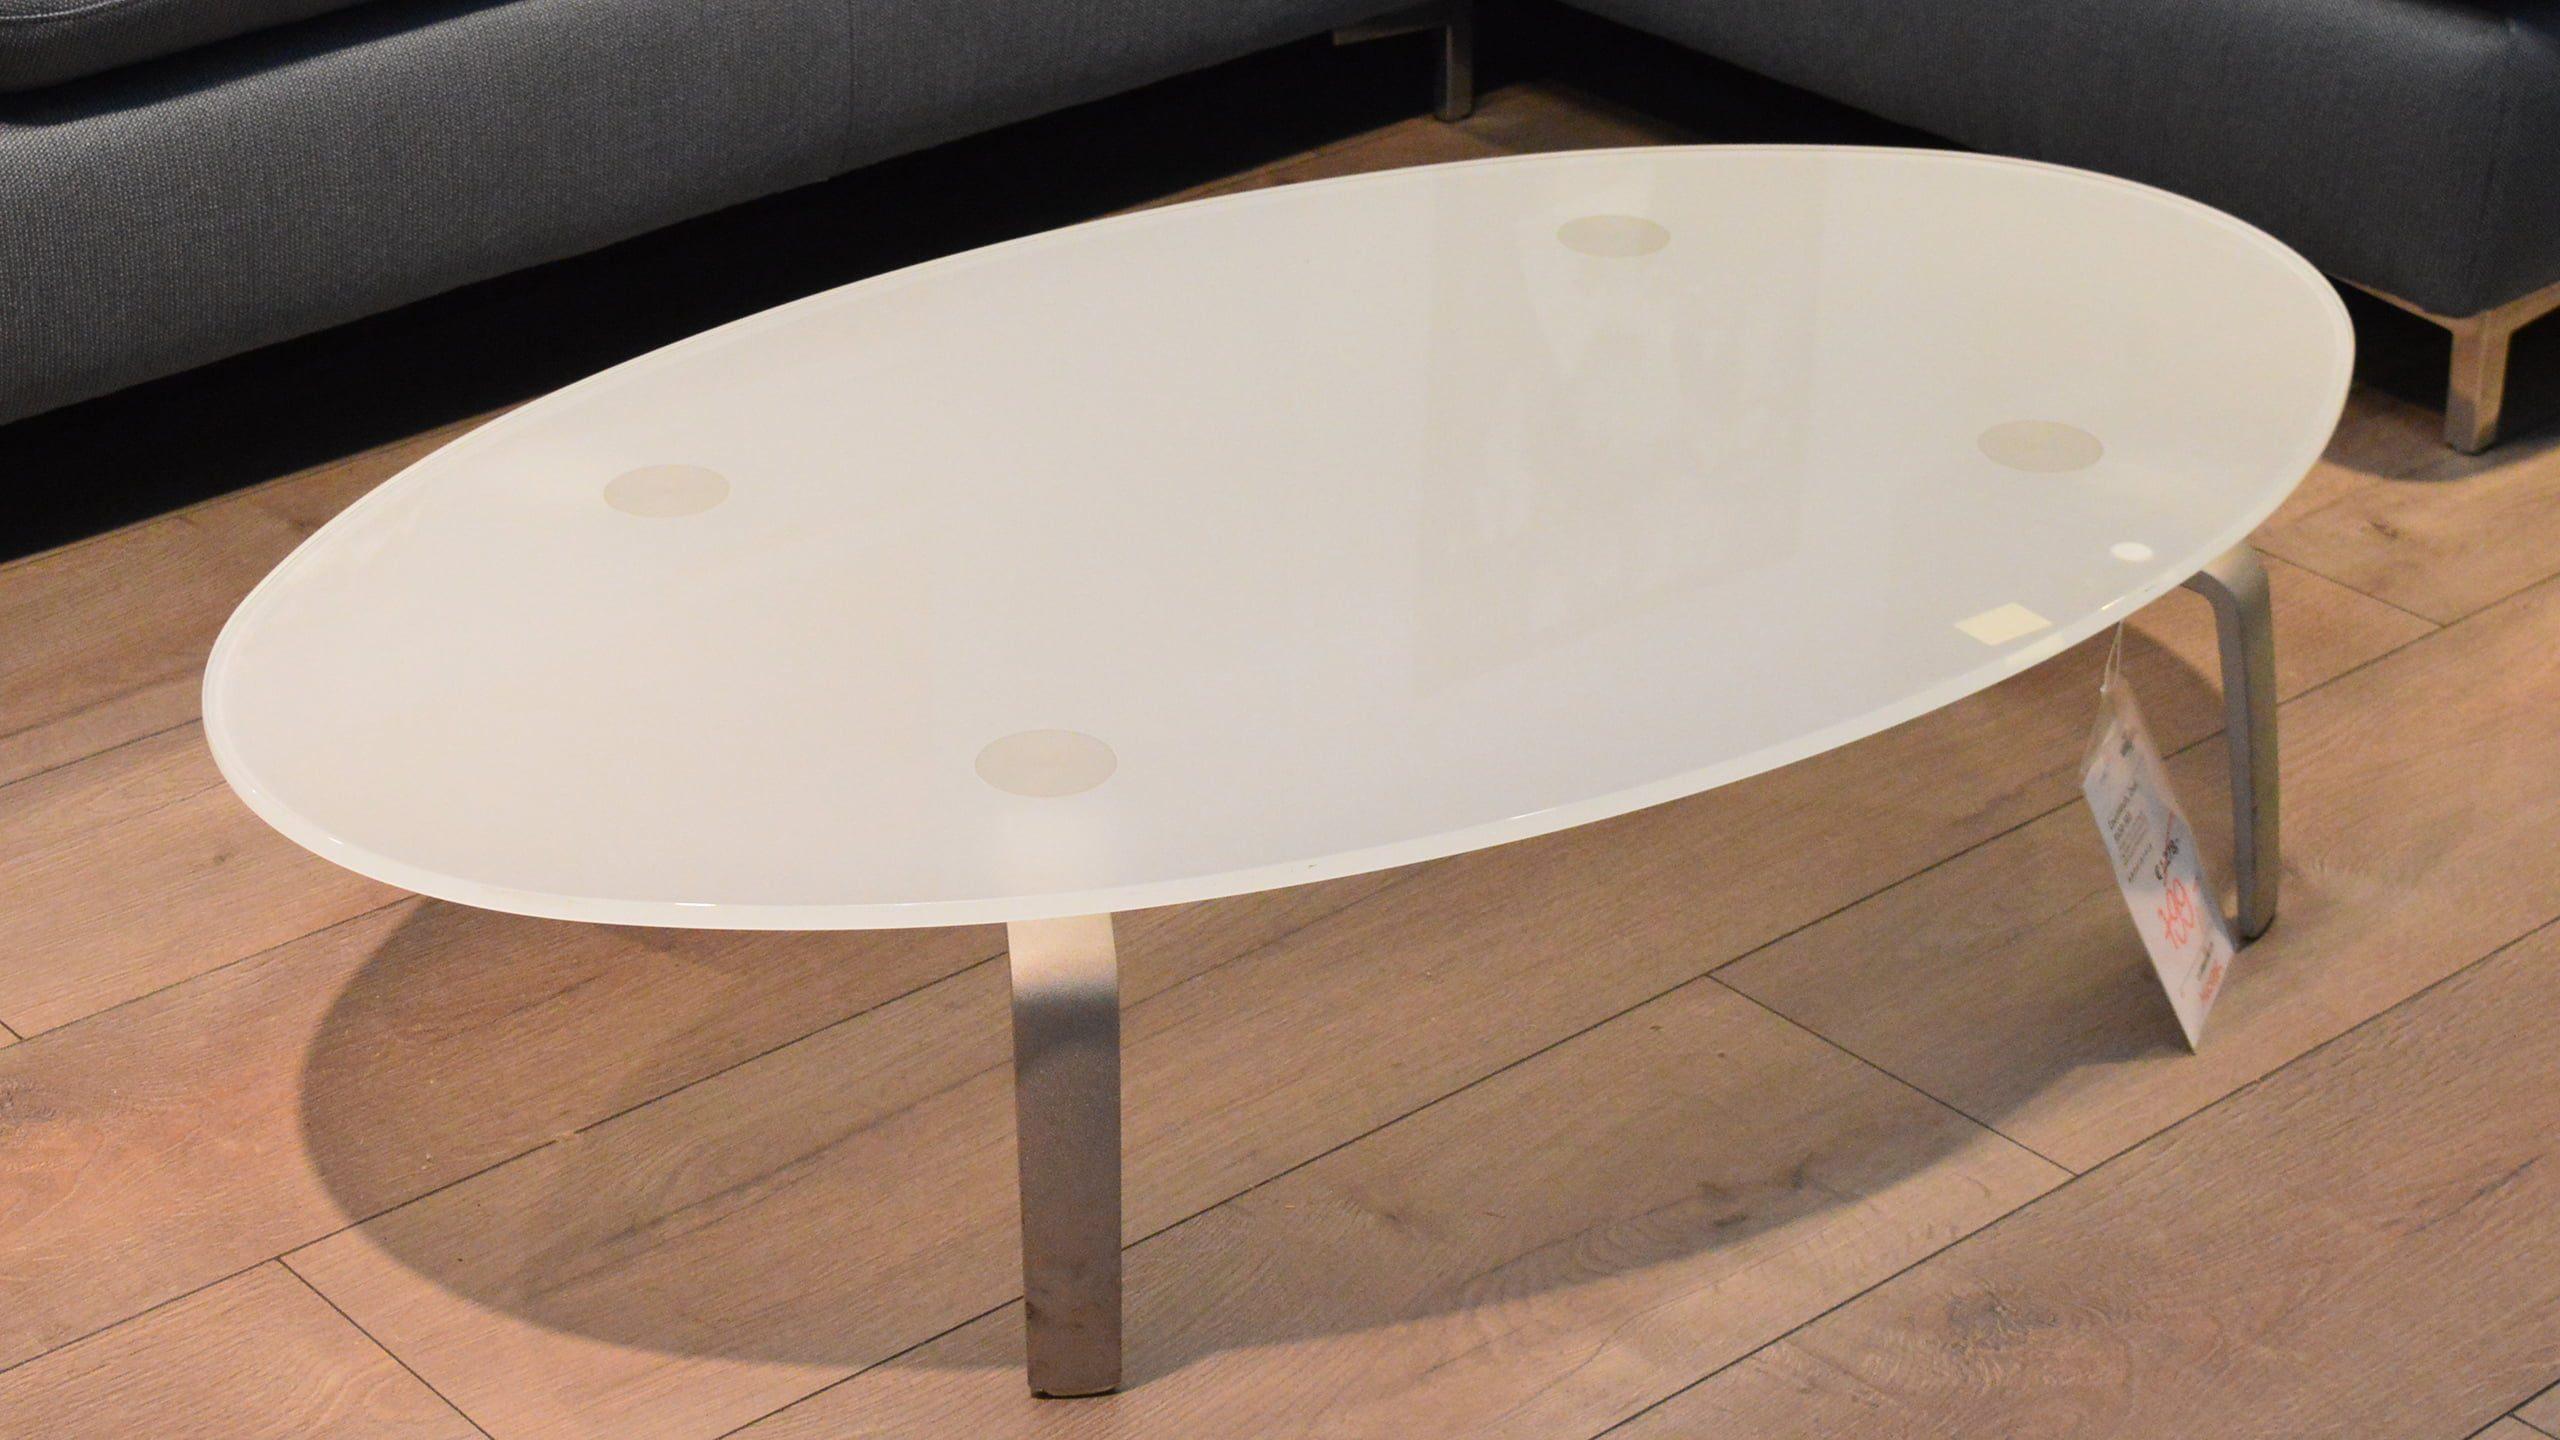 Ovaler Couchtisch 8530-303 mit Glasplatte